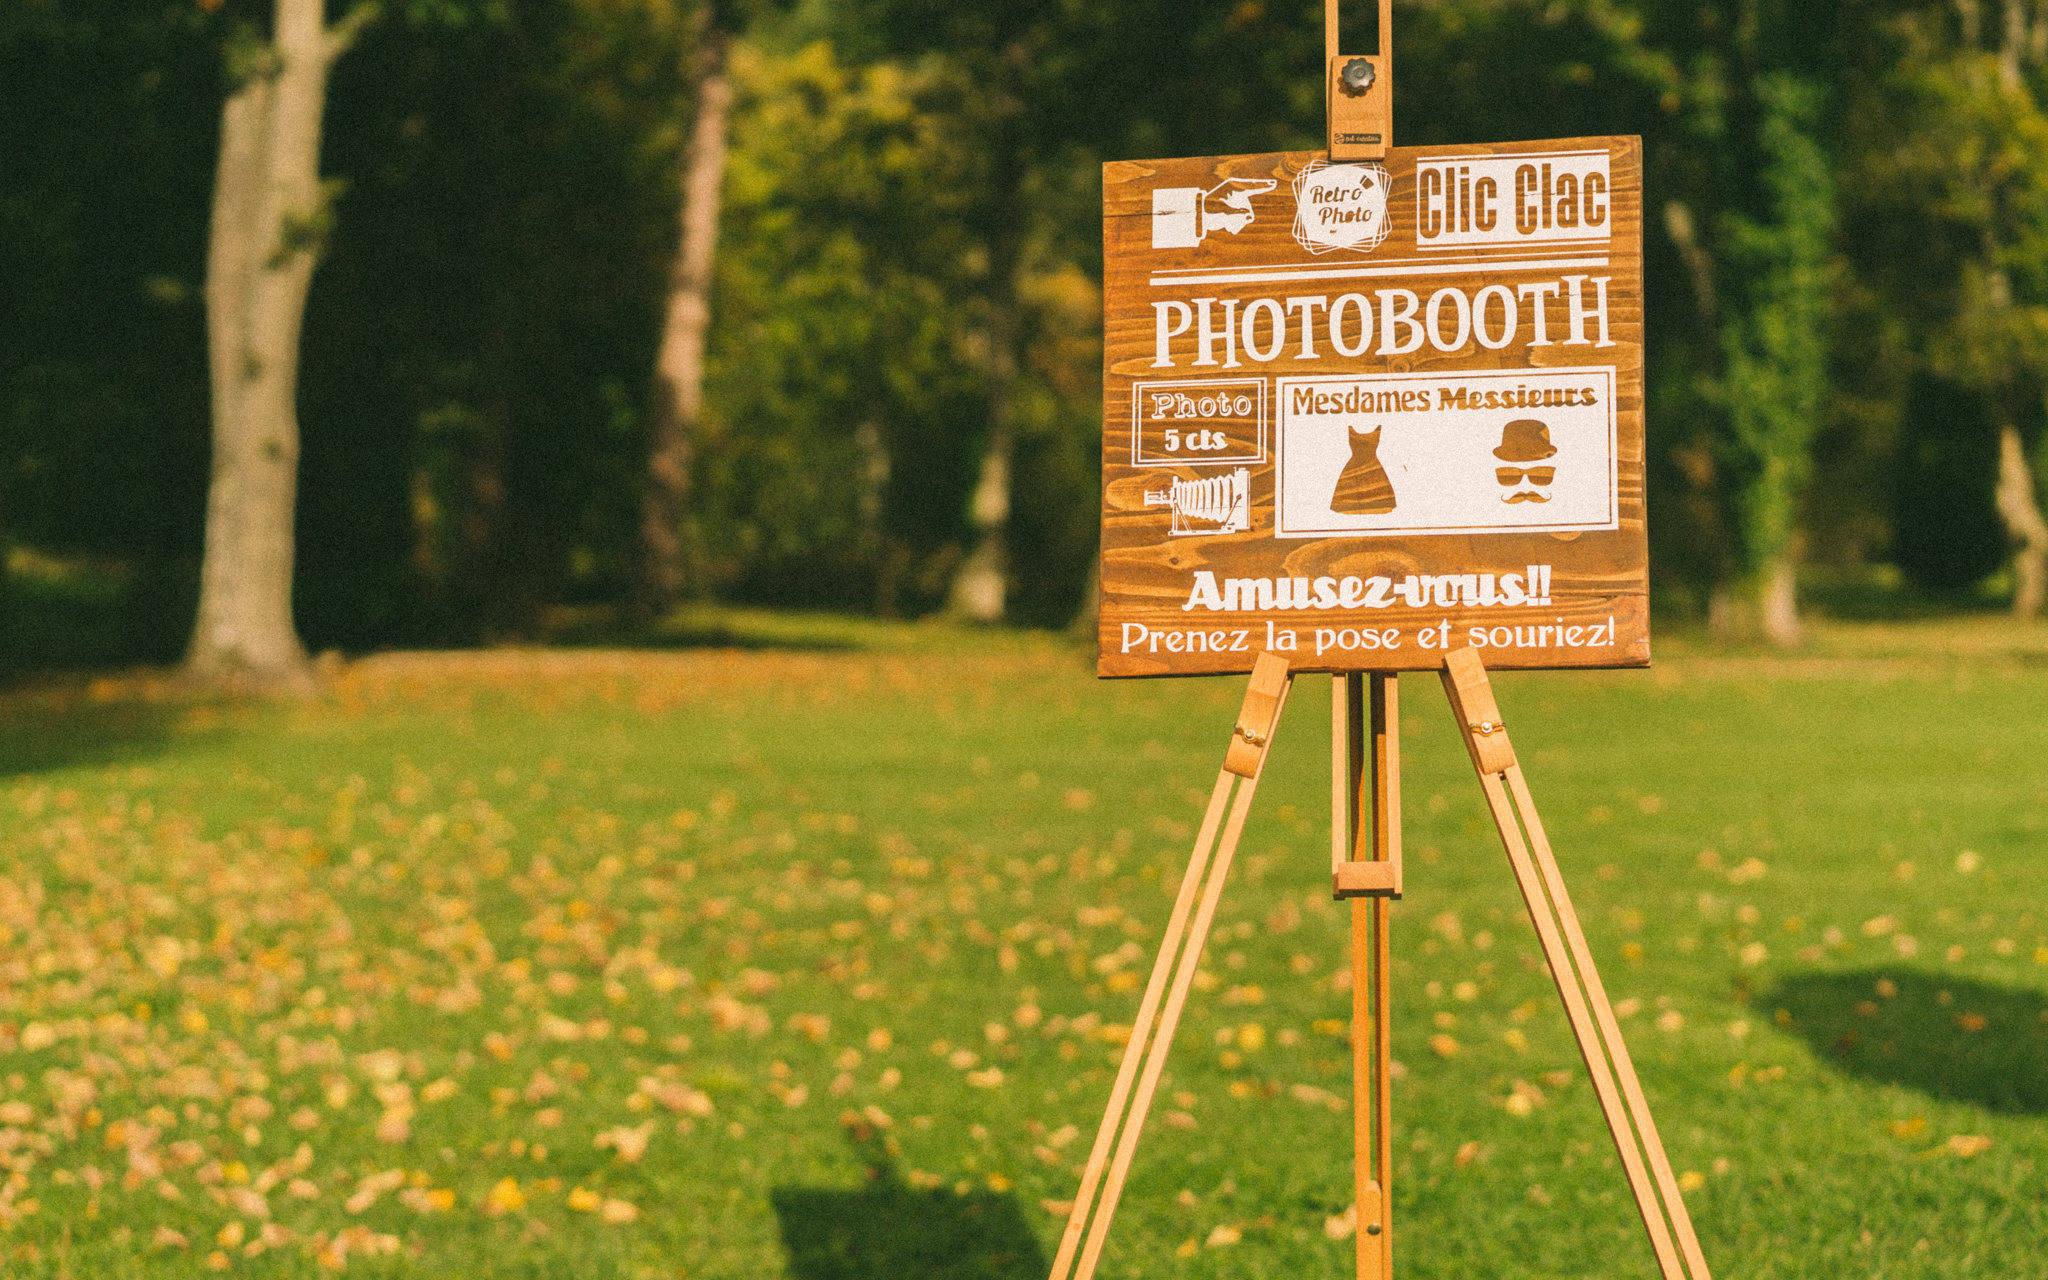 Panneau Photo Booth en bois, pancarte photo vintage